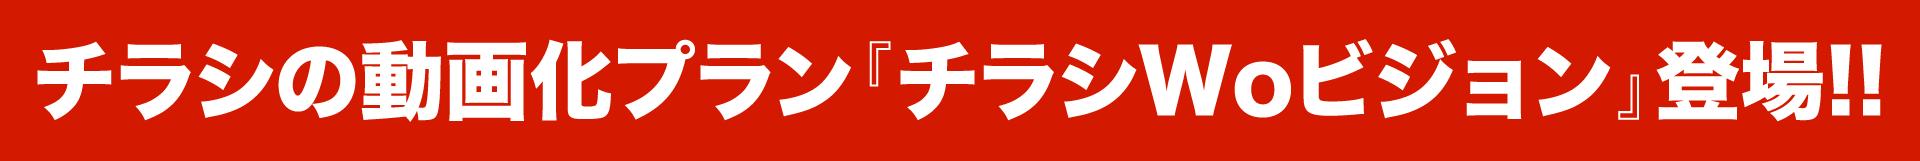 チラシの動画化プラン「チラシWOビジョン」登場!!